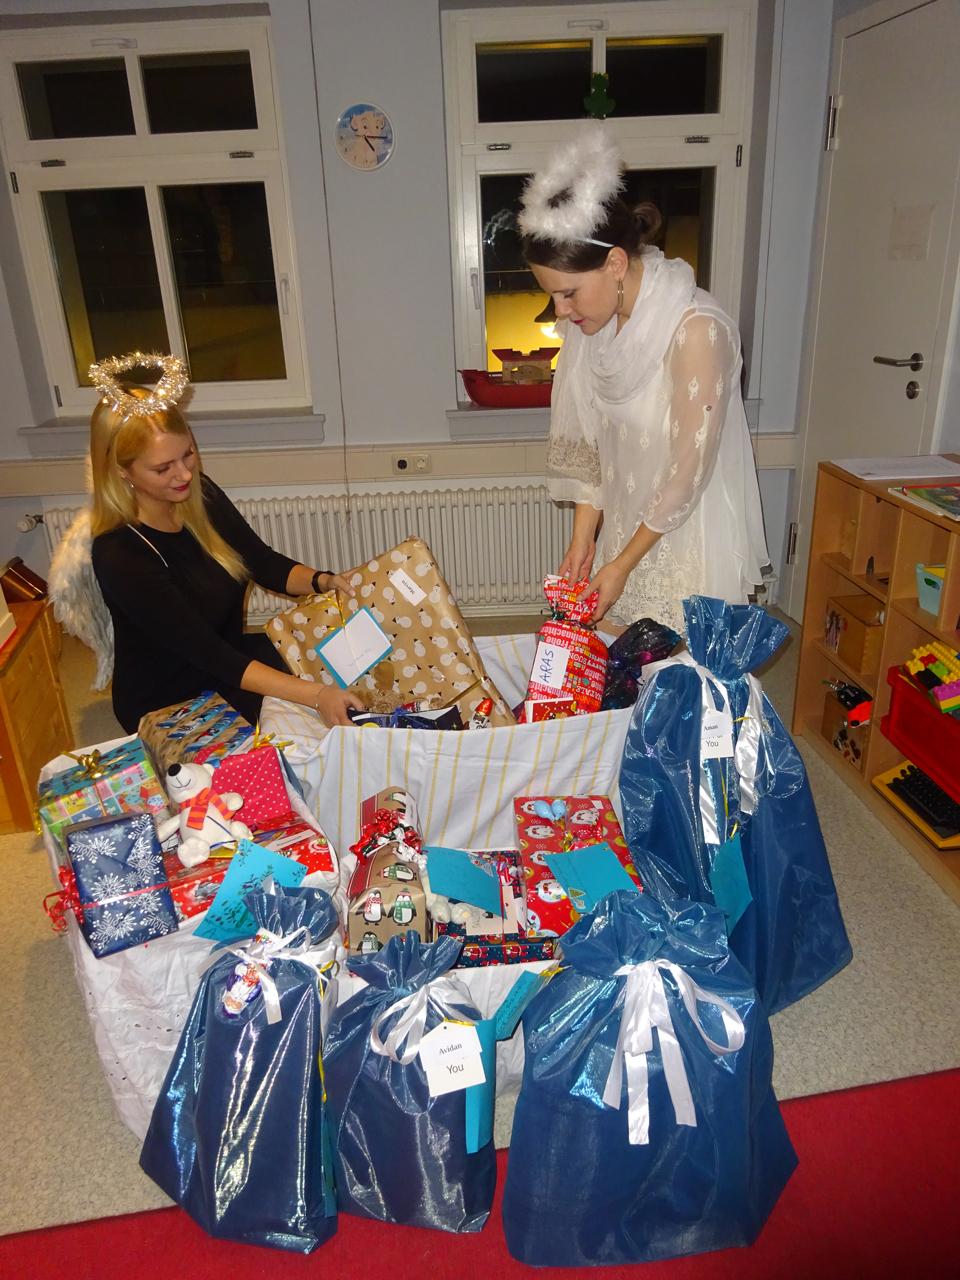 Soziales Engagement bei unserer Weihnachtswunschzettelaktion für das Frankfurter Frauenhaus.